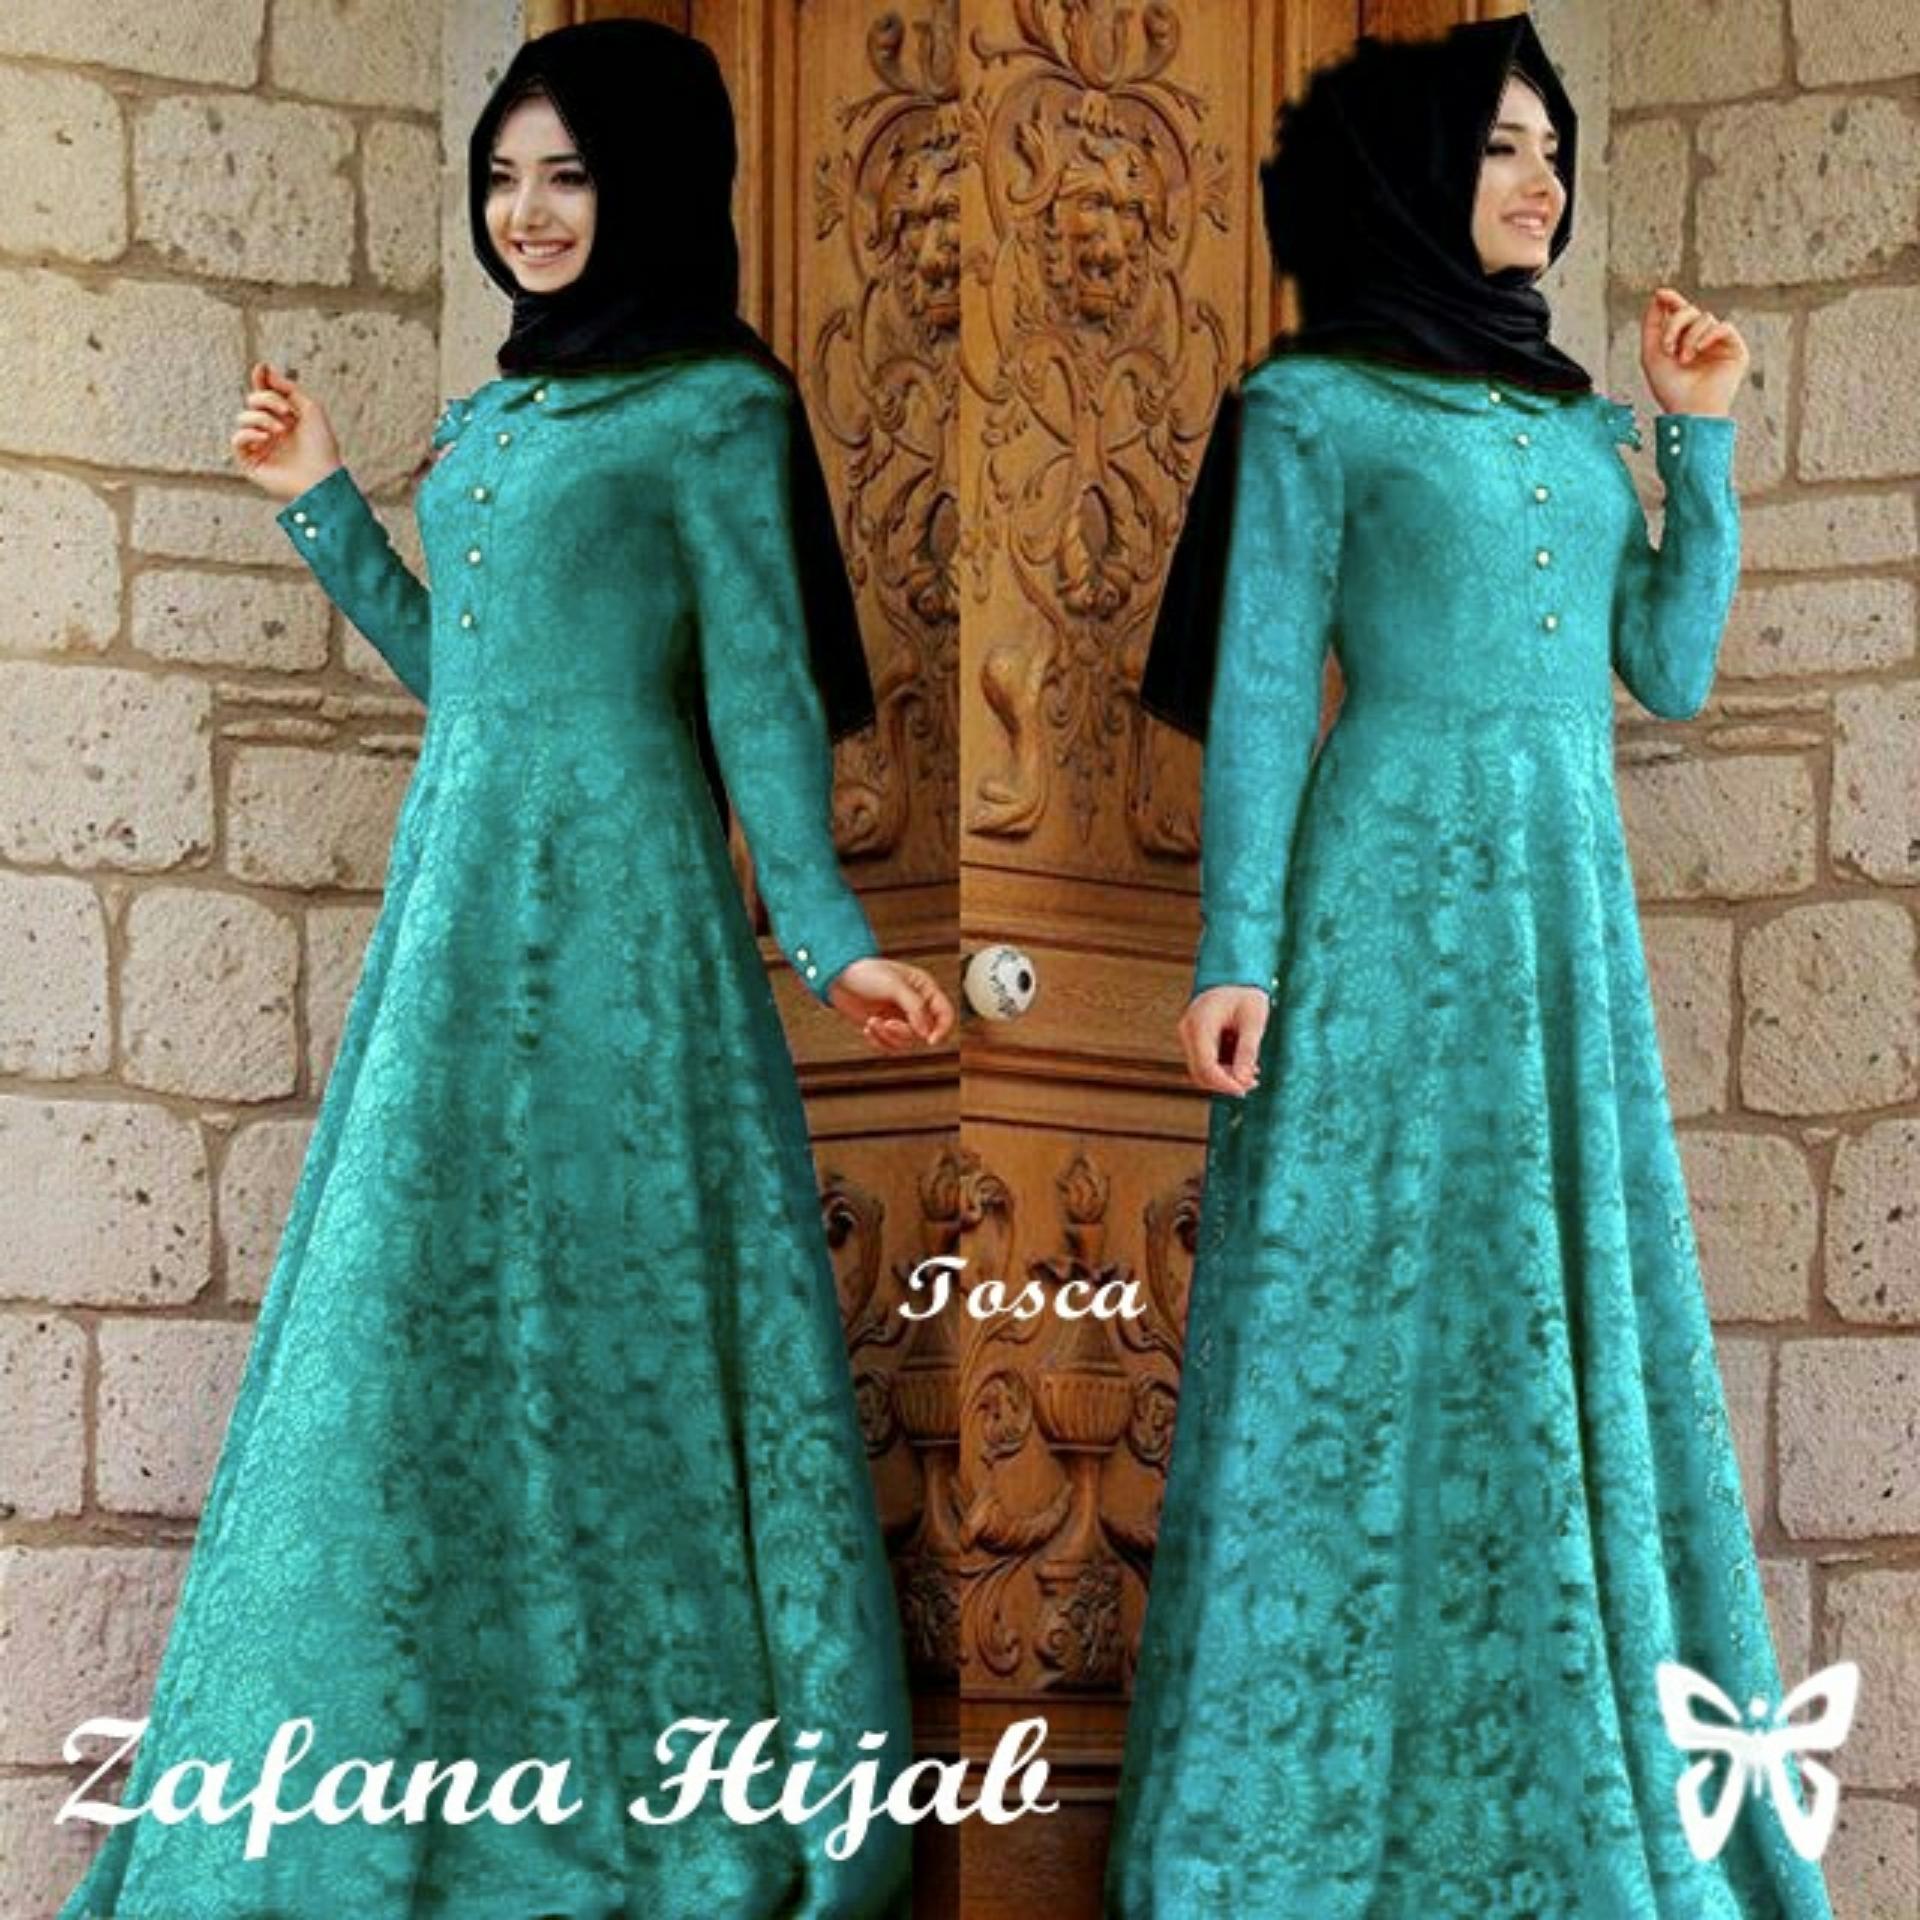 ... Flash Sale Kedai Baju Pakaian Muslim Baju Muslim Murah Syari Hijab GamisZafana Tosca